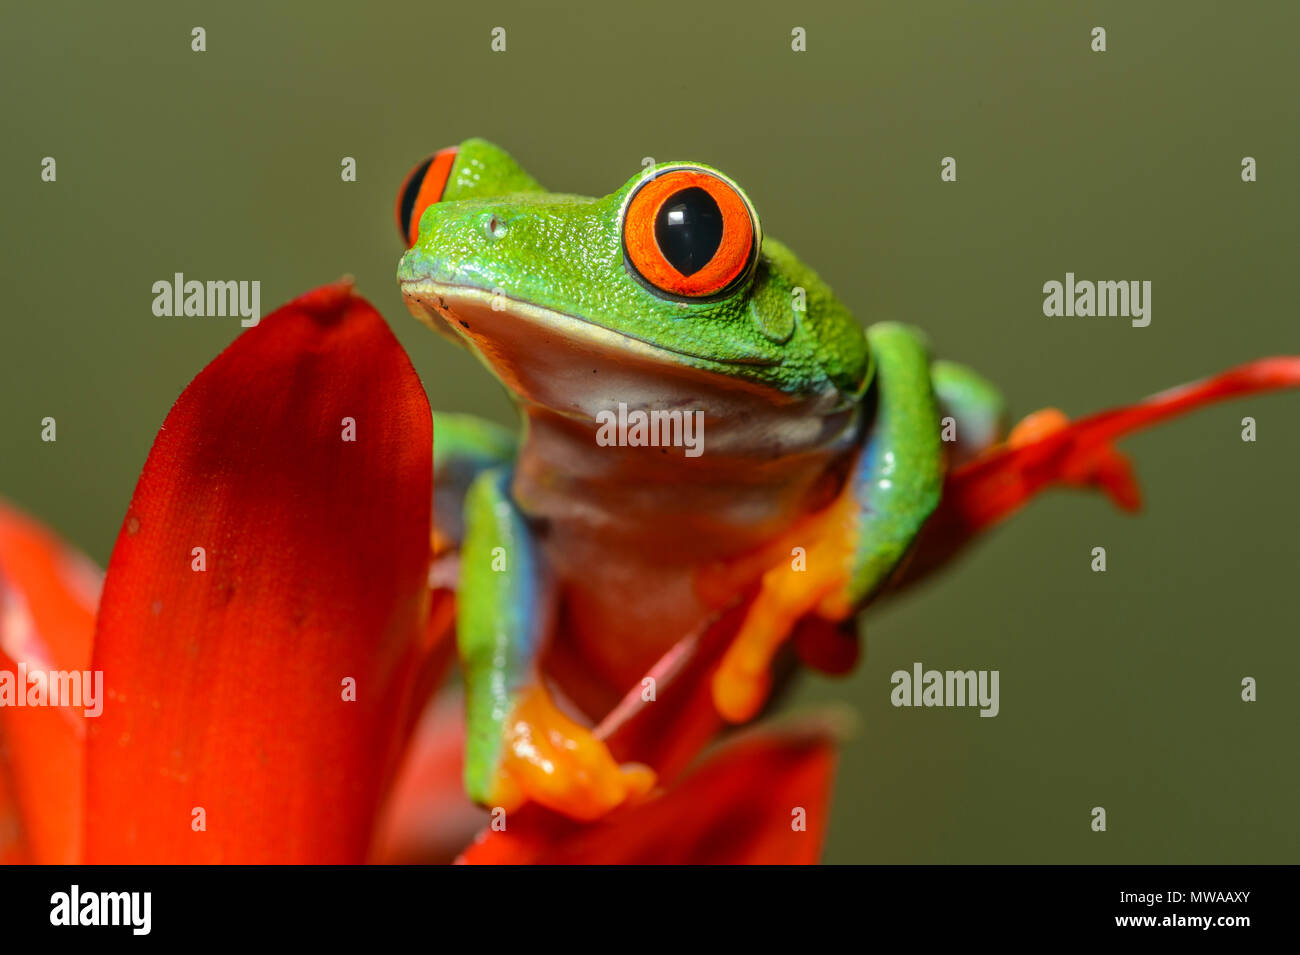 La rana arborícola de ojos rojos (Agalychnis callidryas), cautiva, Reptilia zoo de reptiles, Vaughan, Ontario, Canadá Foto de stock